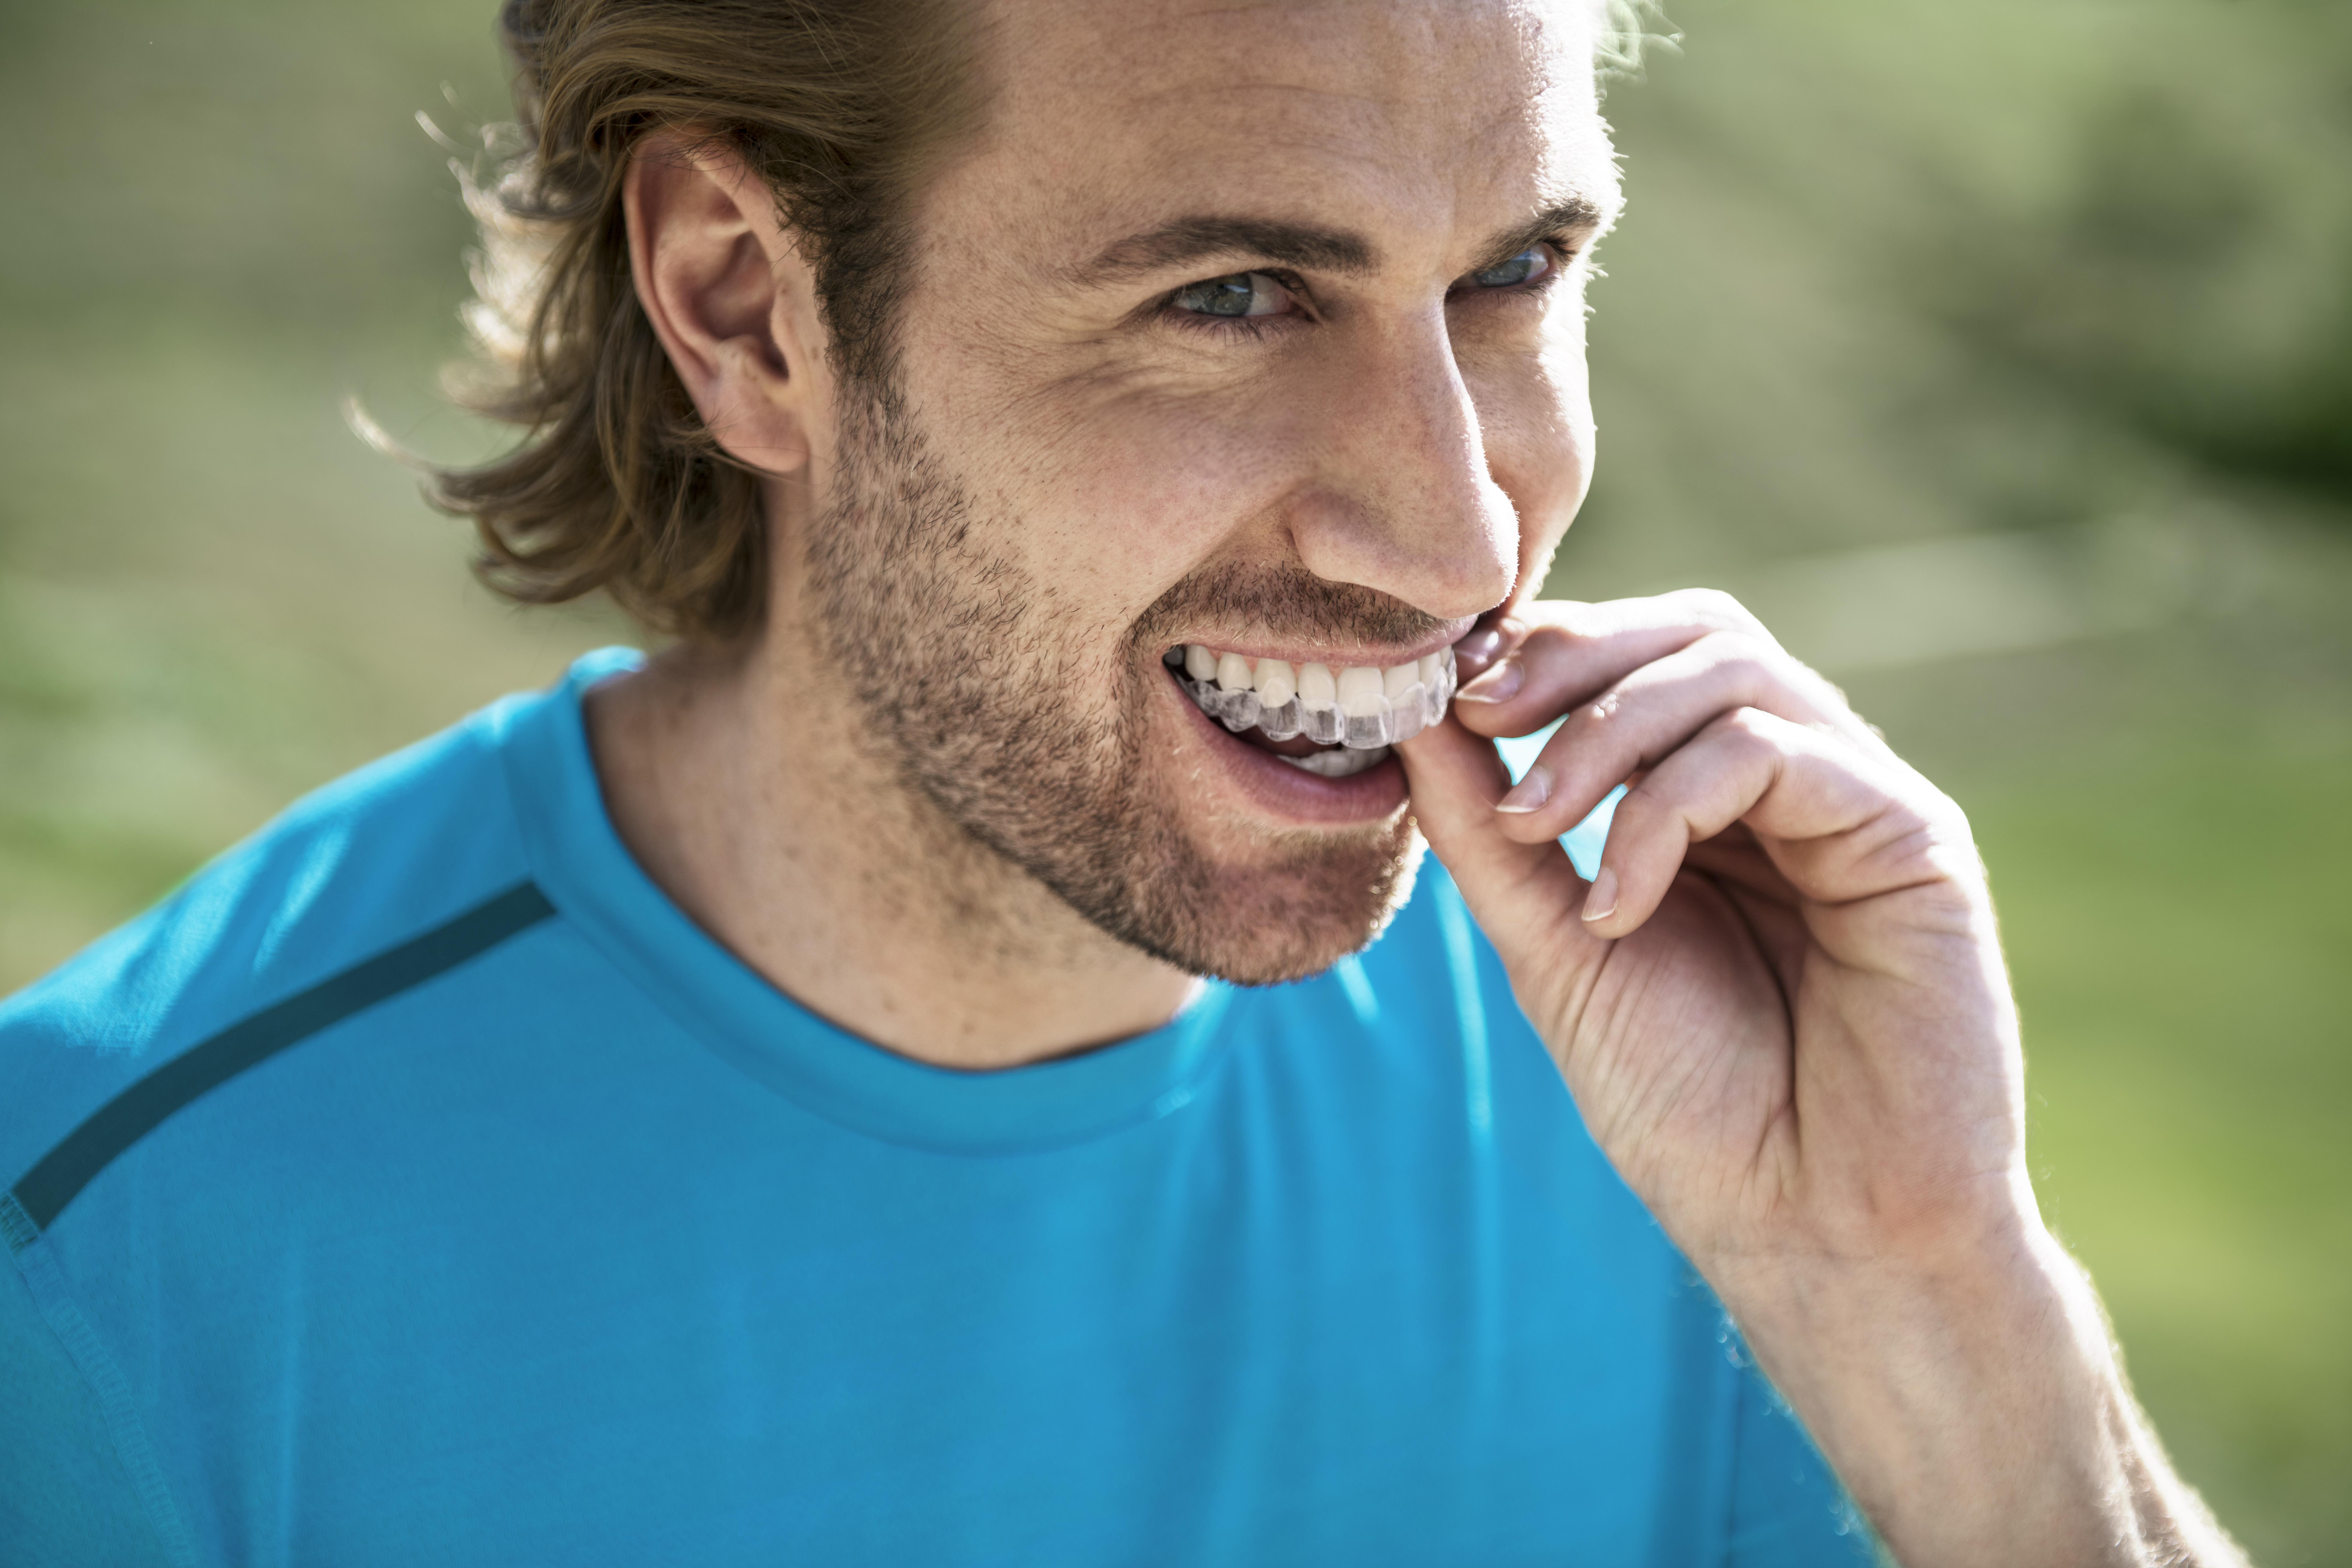 Nueva actualización en Ortodoncia Invisible INVISALIGN